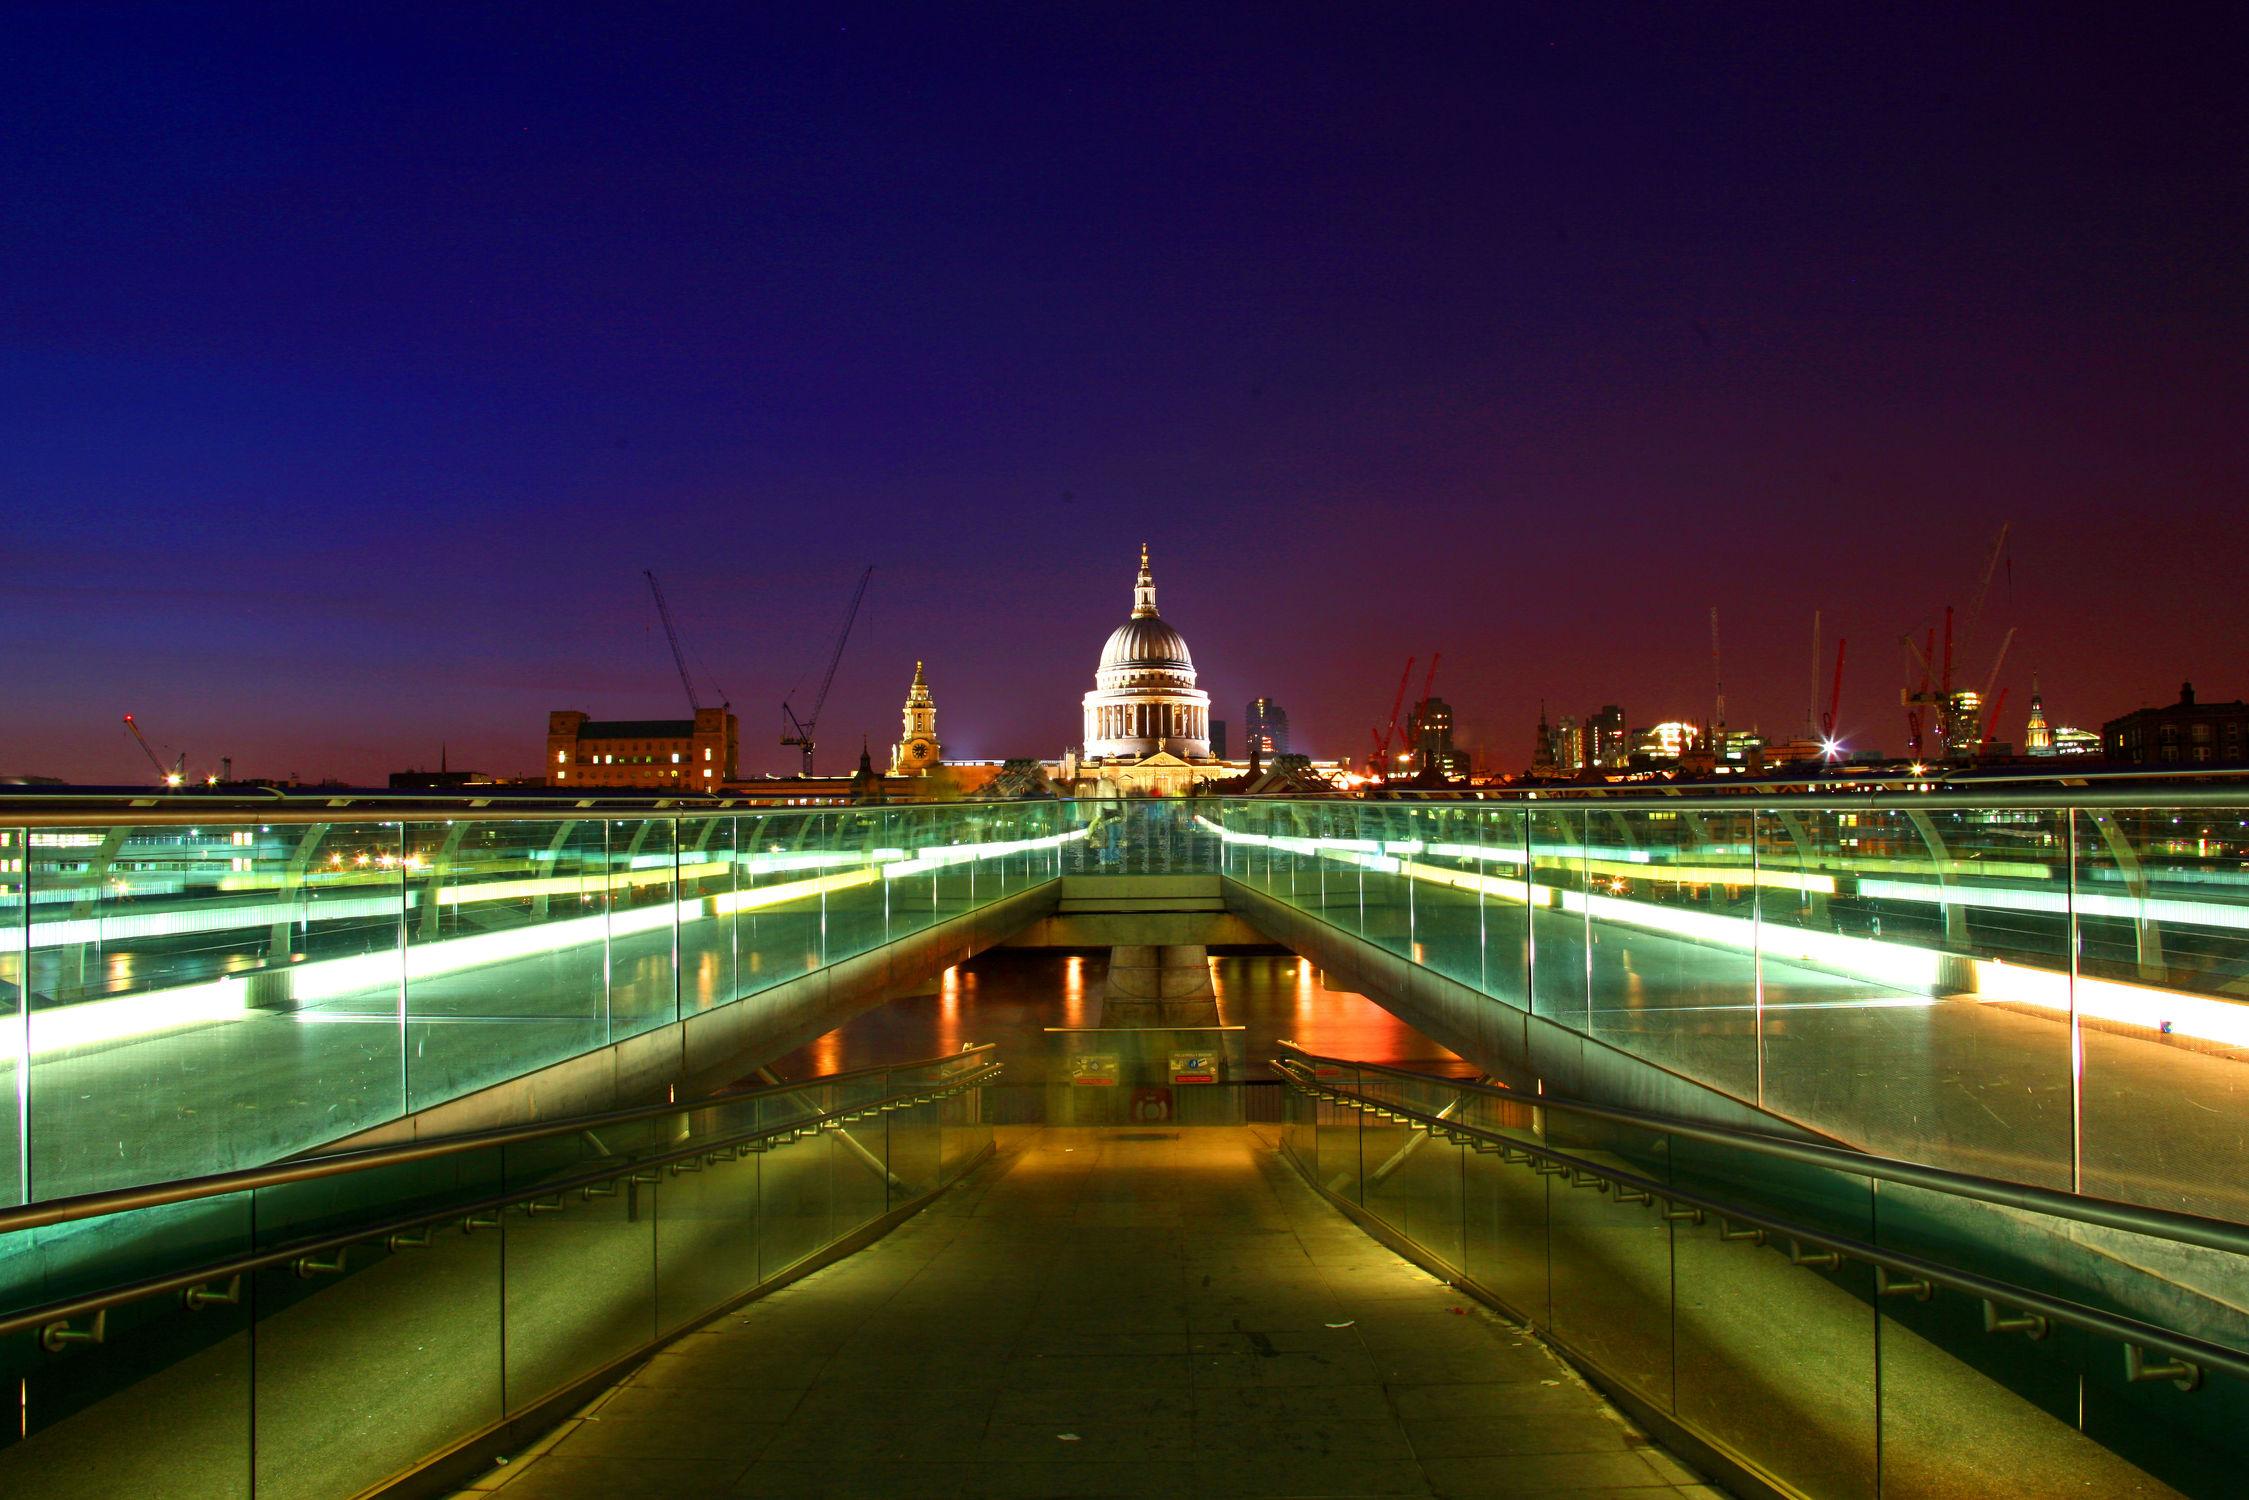 Bild mit Städte, Brücken, England, London, Stadt, London Bridge, Brücke, City, Nachtaufnahmen, Nacht, Skyline, Stadtleben, night, bridge